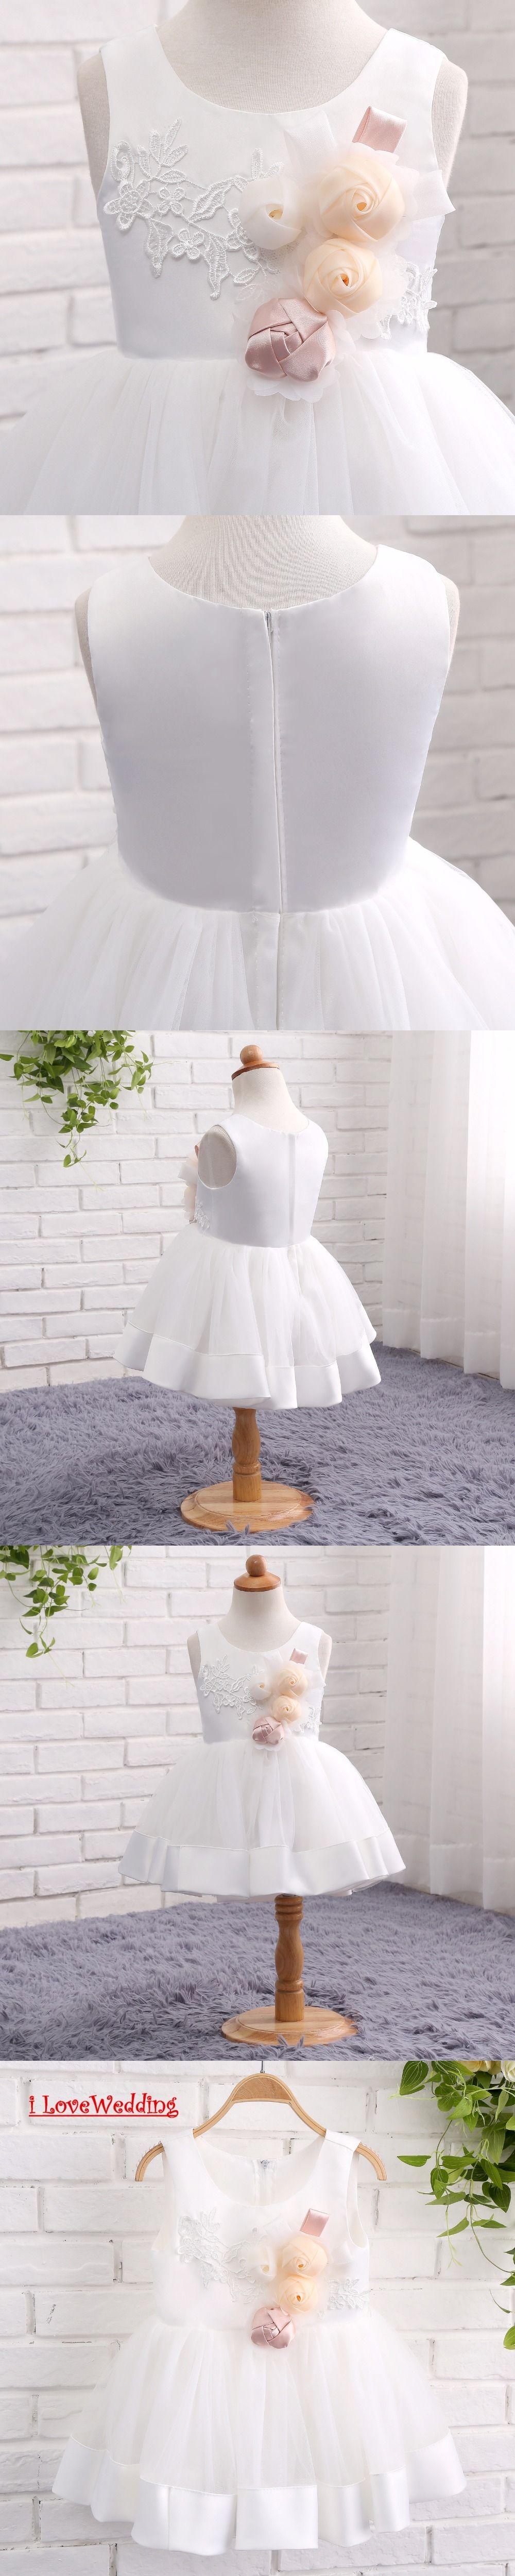 Ilovewedding stock new white flower girl dresses formal mini tulle